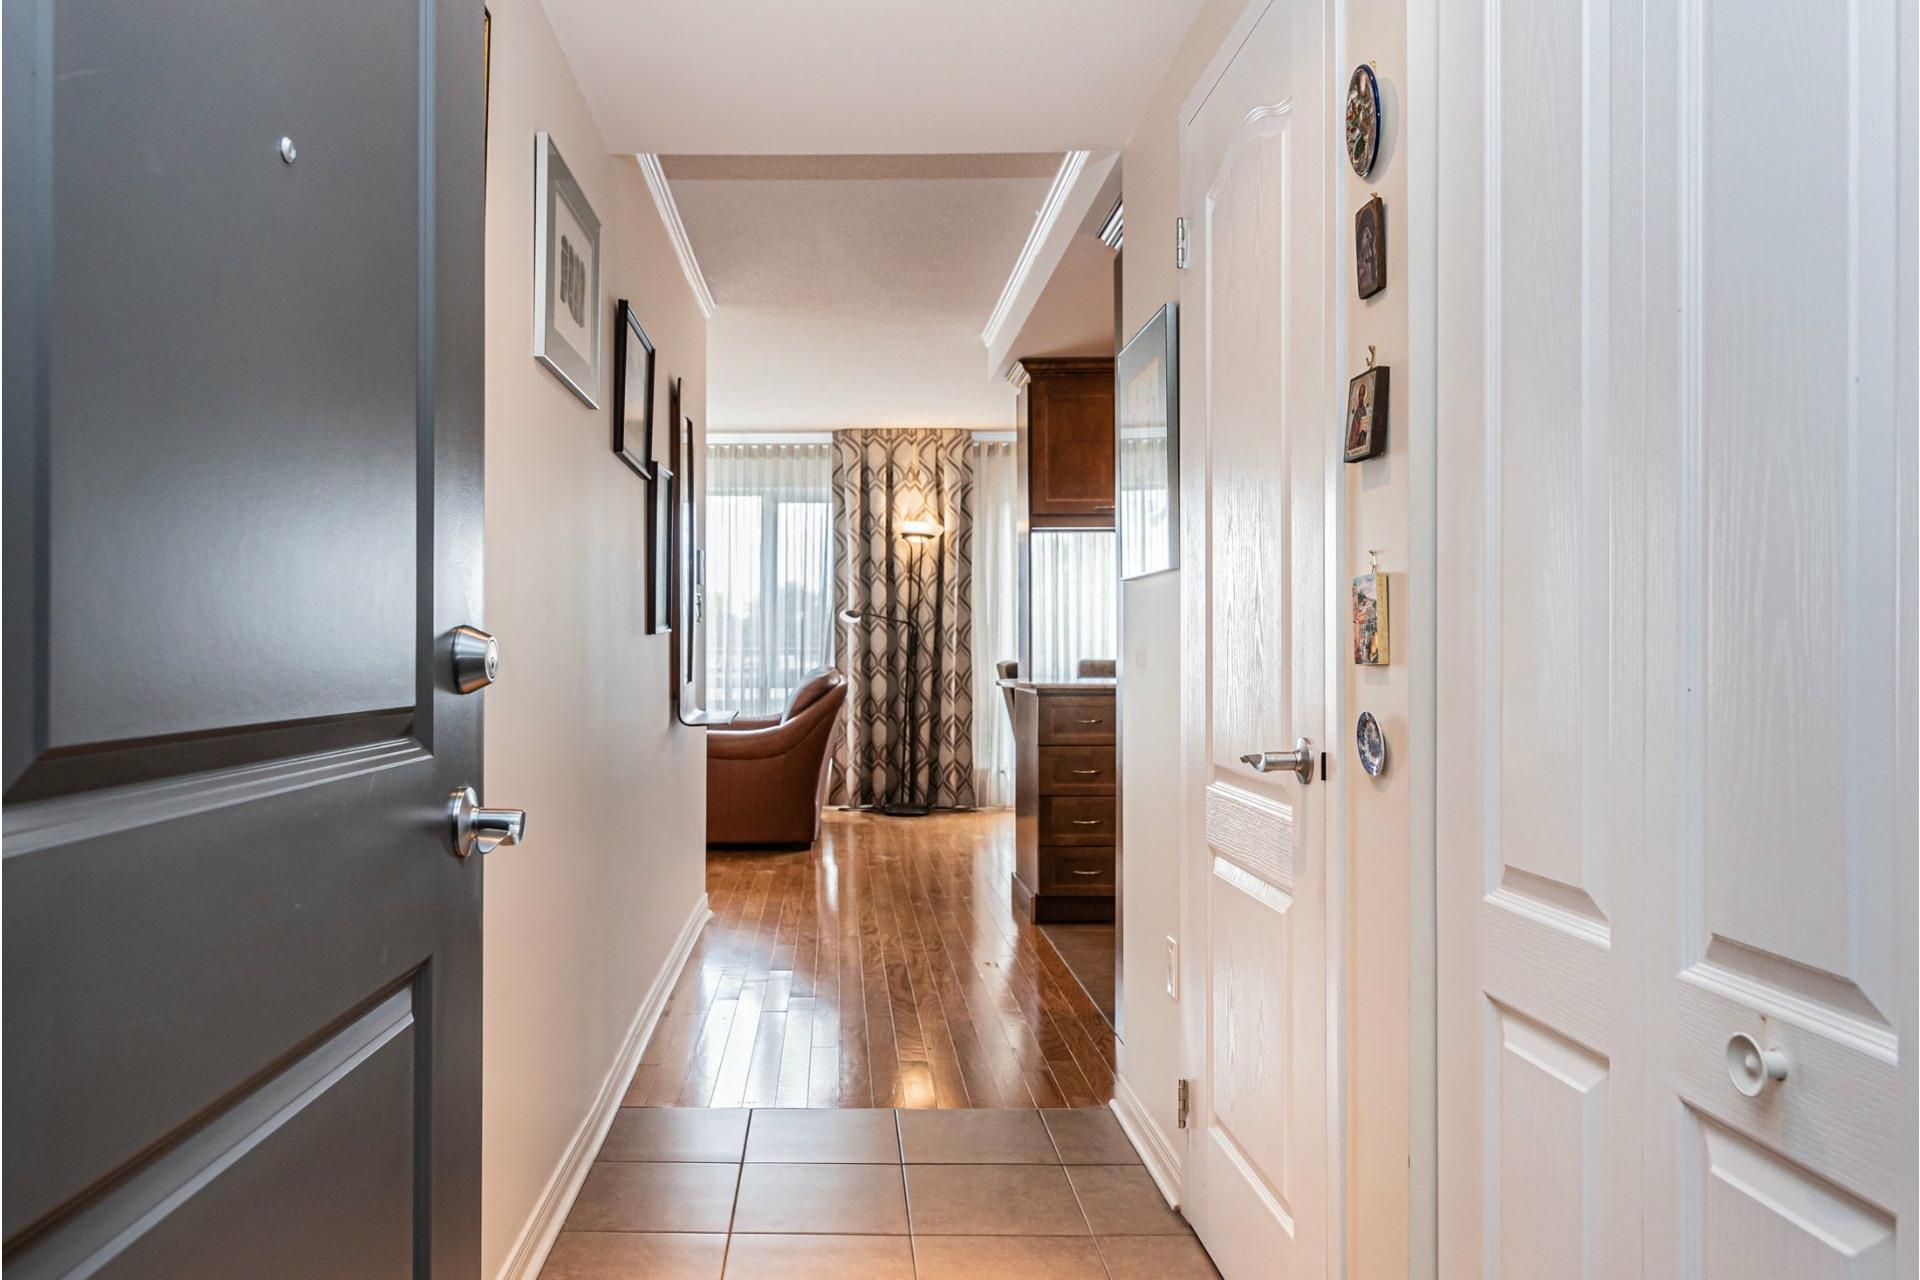 image 8 - Apartment For sale Lachine Montréal  - 7 rooms